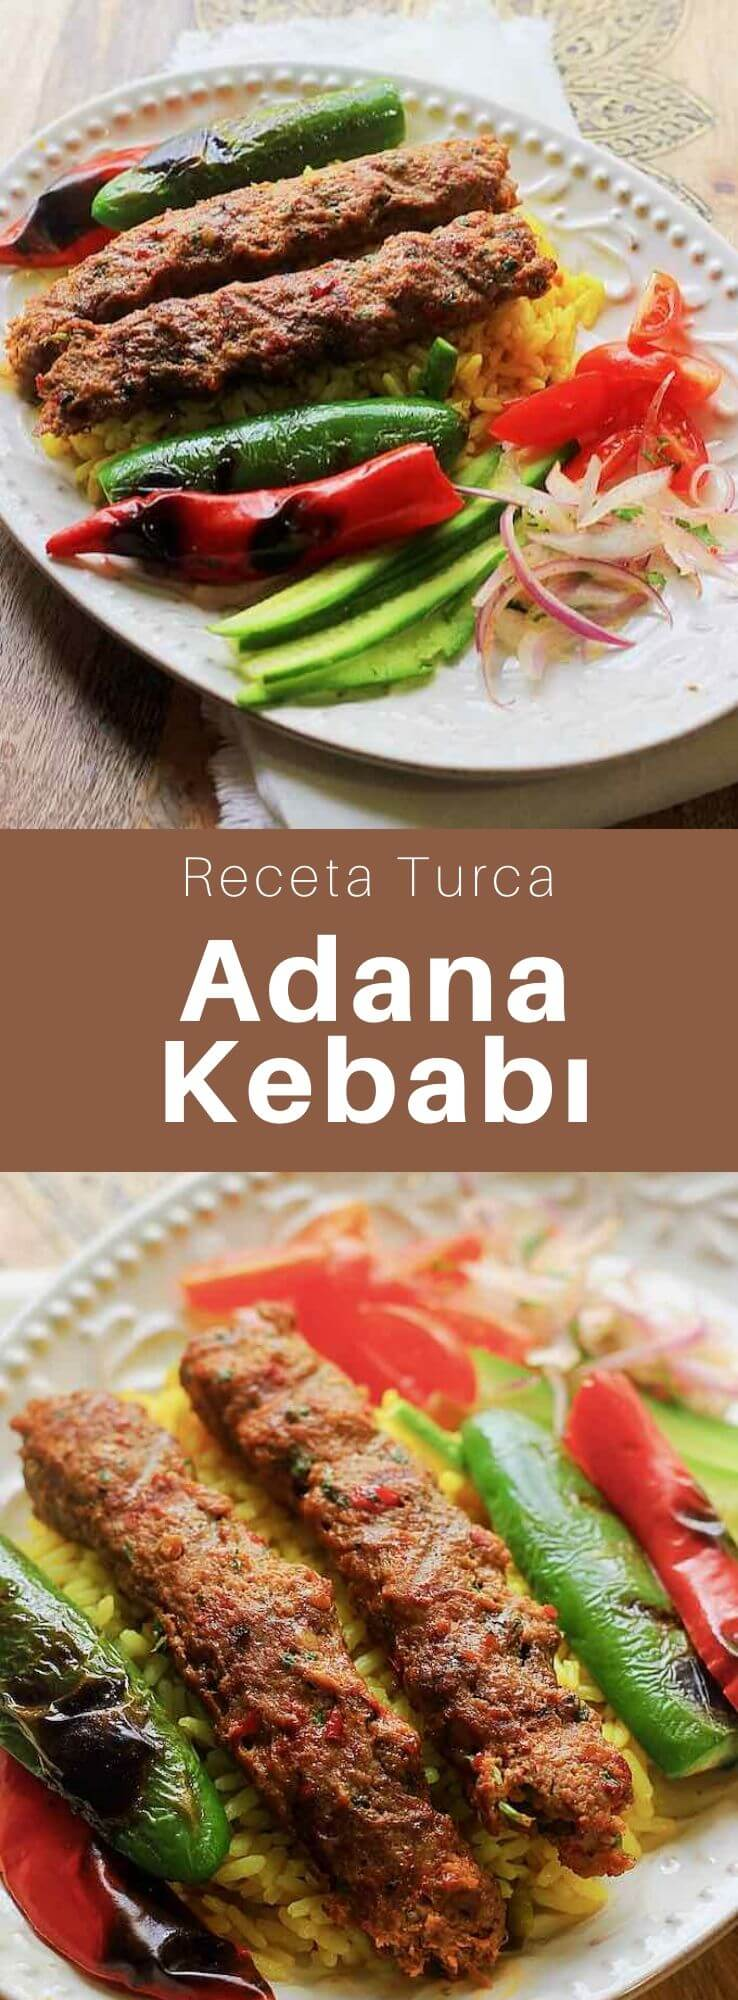 El Adana kebab (Adana kebabı), también conocido como kıyma kebabı, es un pincho largo de carne de cordero molida y grasa de cola de cordero, que se asa a la parrilla sobre carbones.